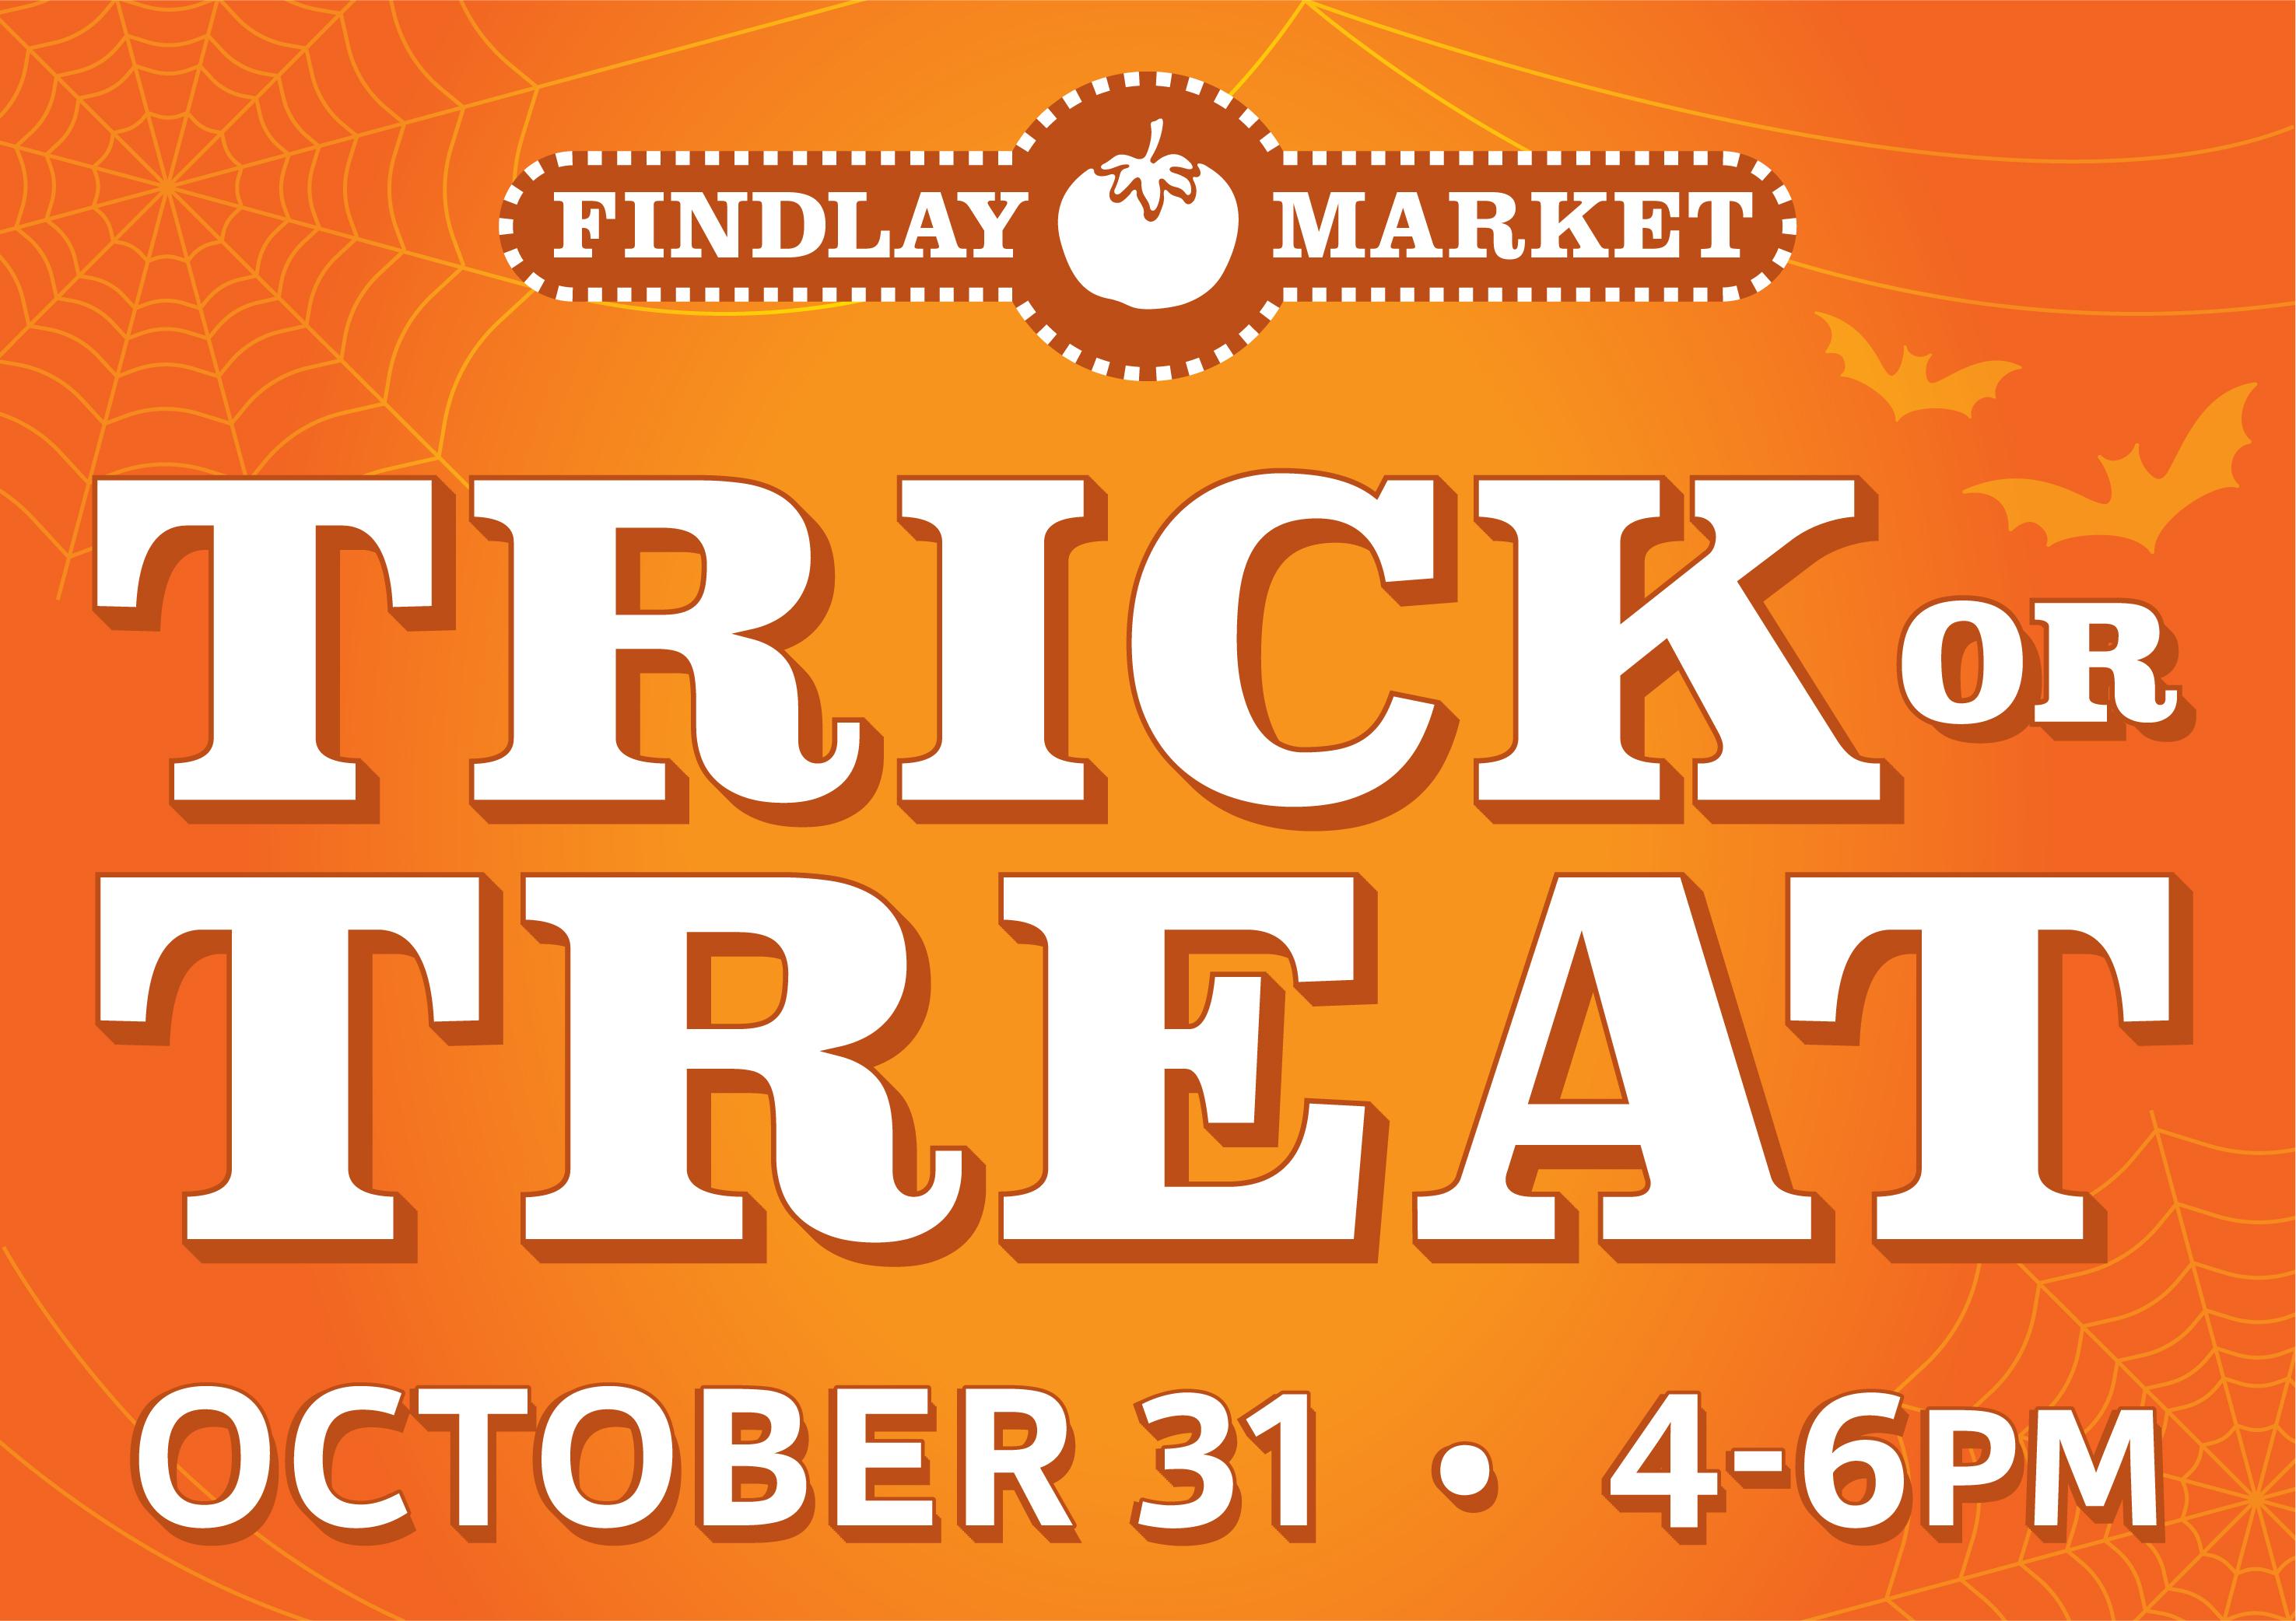 Trick treat webslider 01